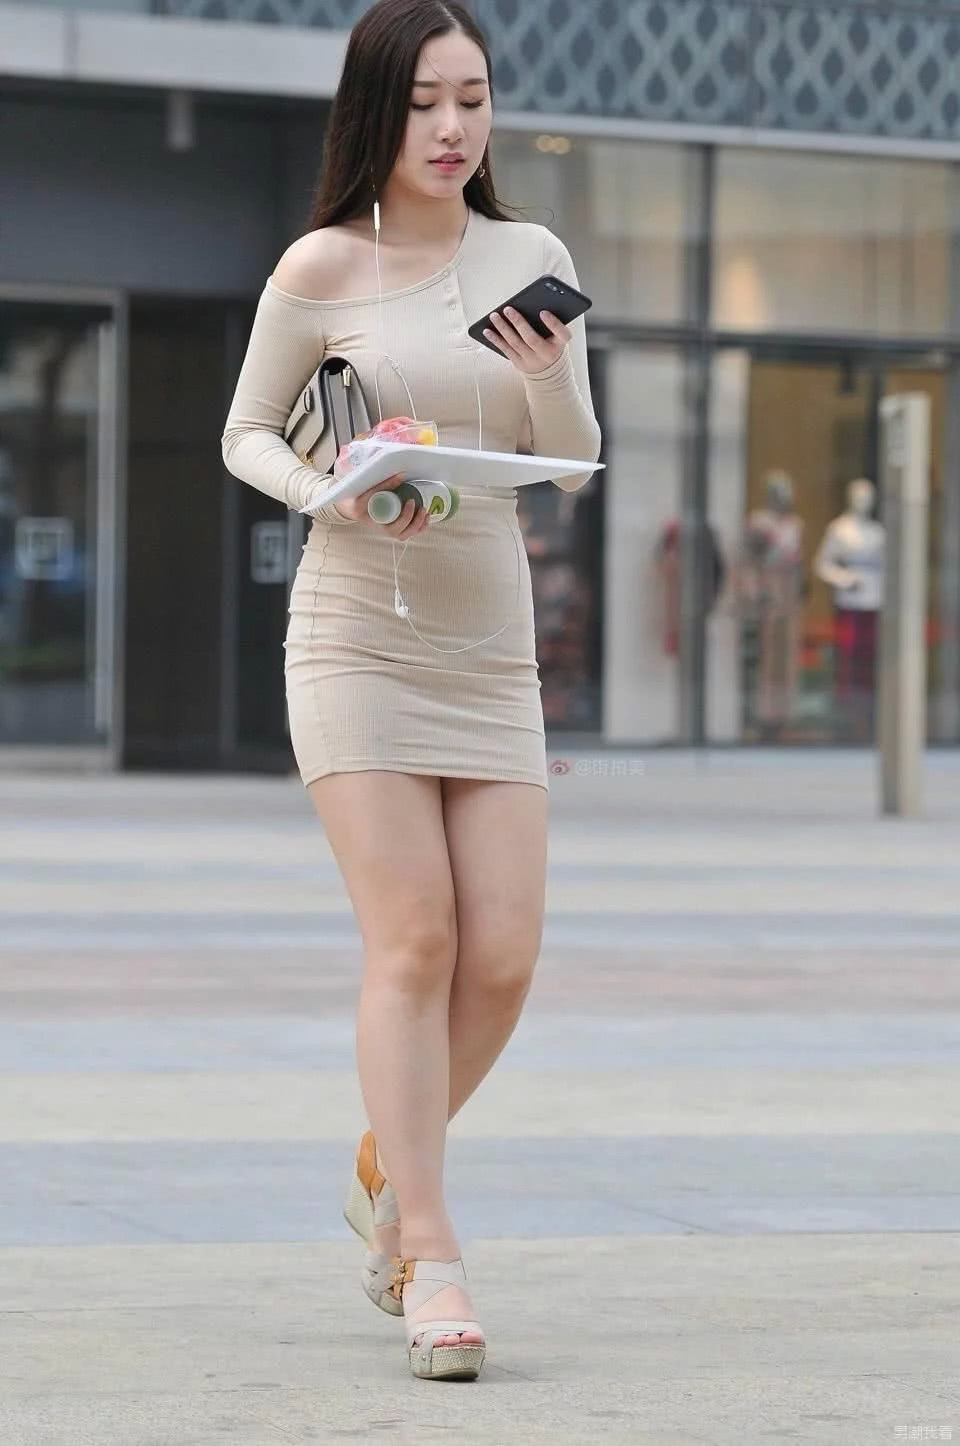 美国少妇bb图_街拍:美不美看大腿,图5的少妇绝对让你喜欢的不得了!